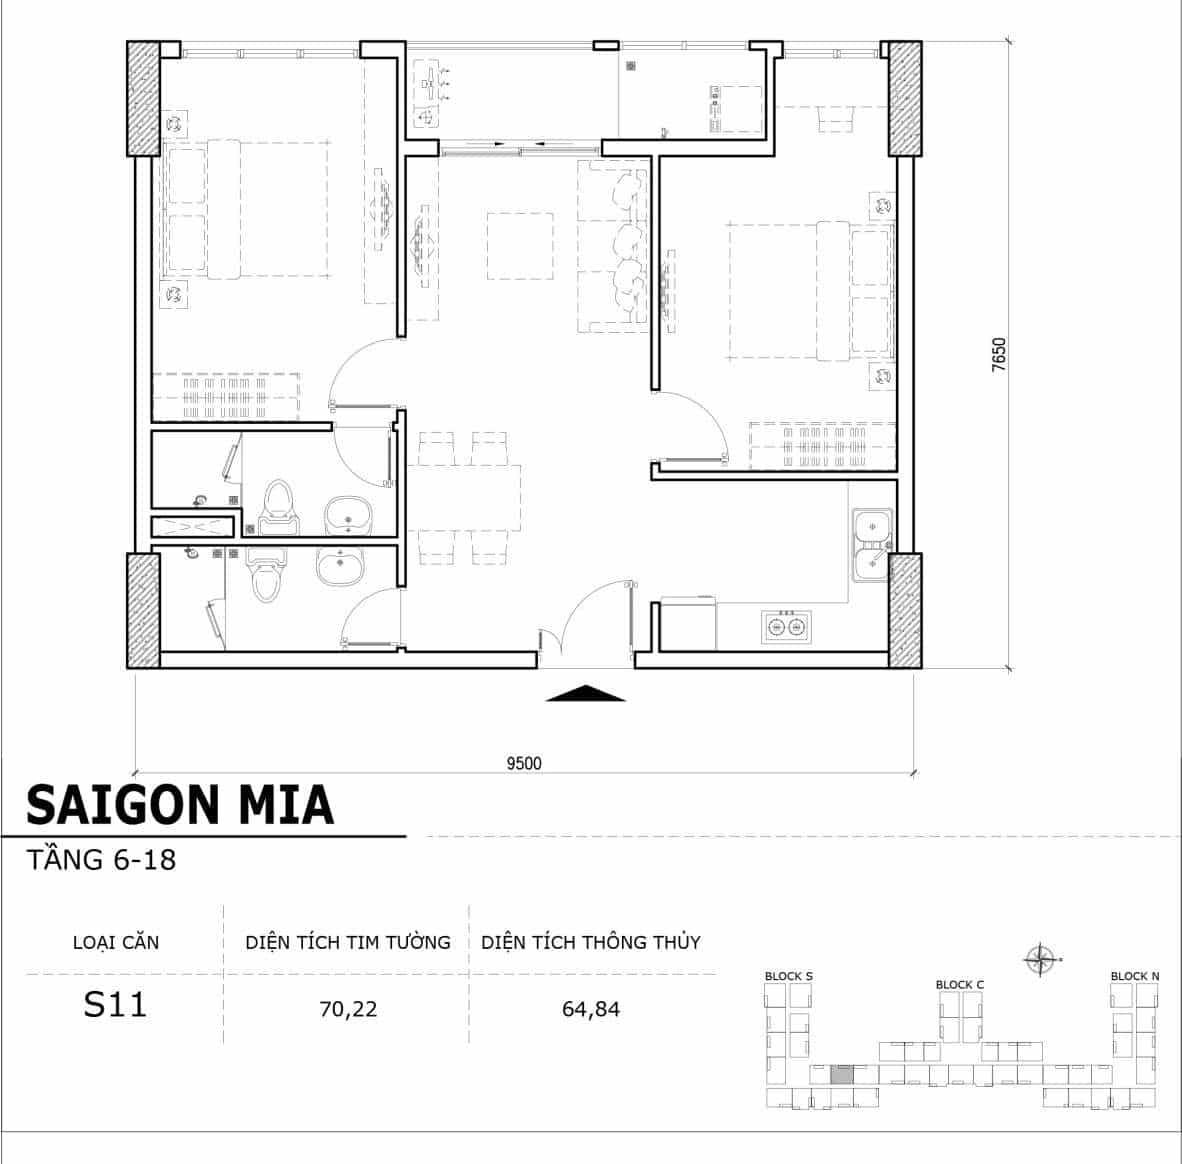 Chi tiết thiết kế căn hộ điển hình tầng 6-18 dự án Sài Gòn Mia - Căn S11